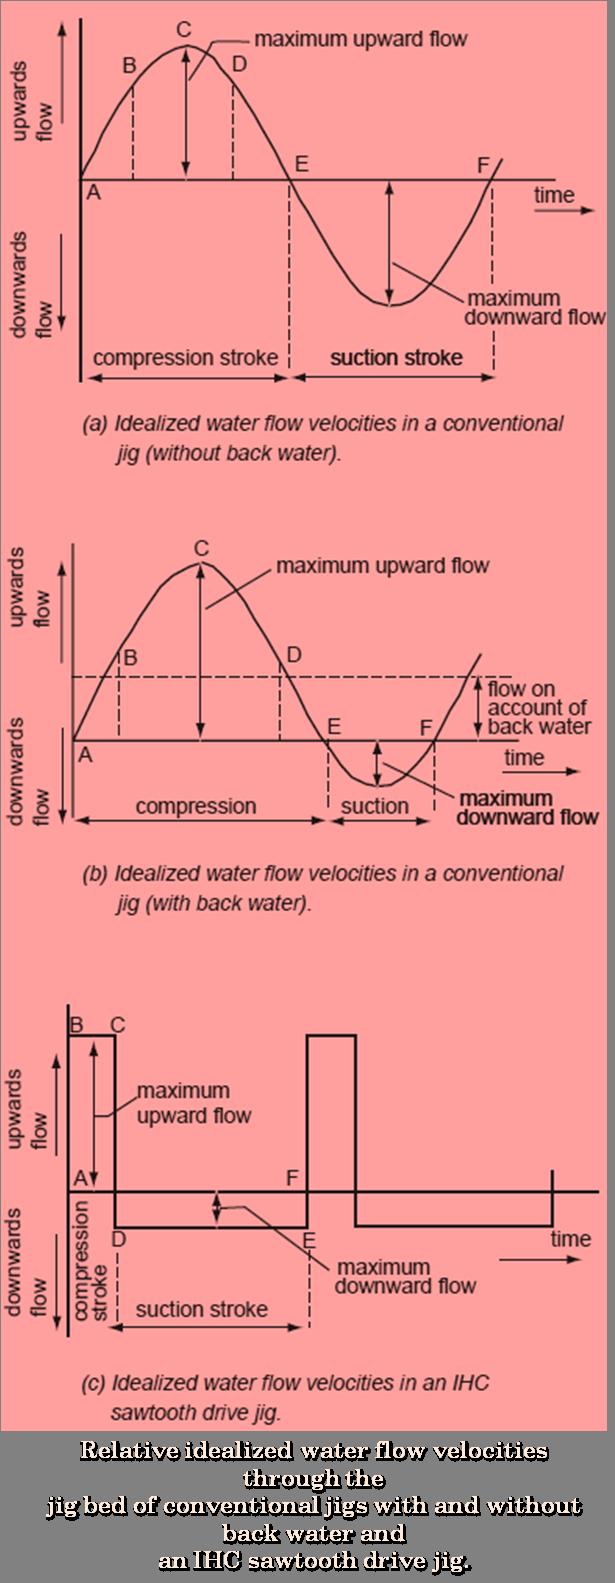 idealized water flow